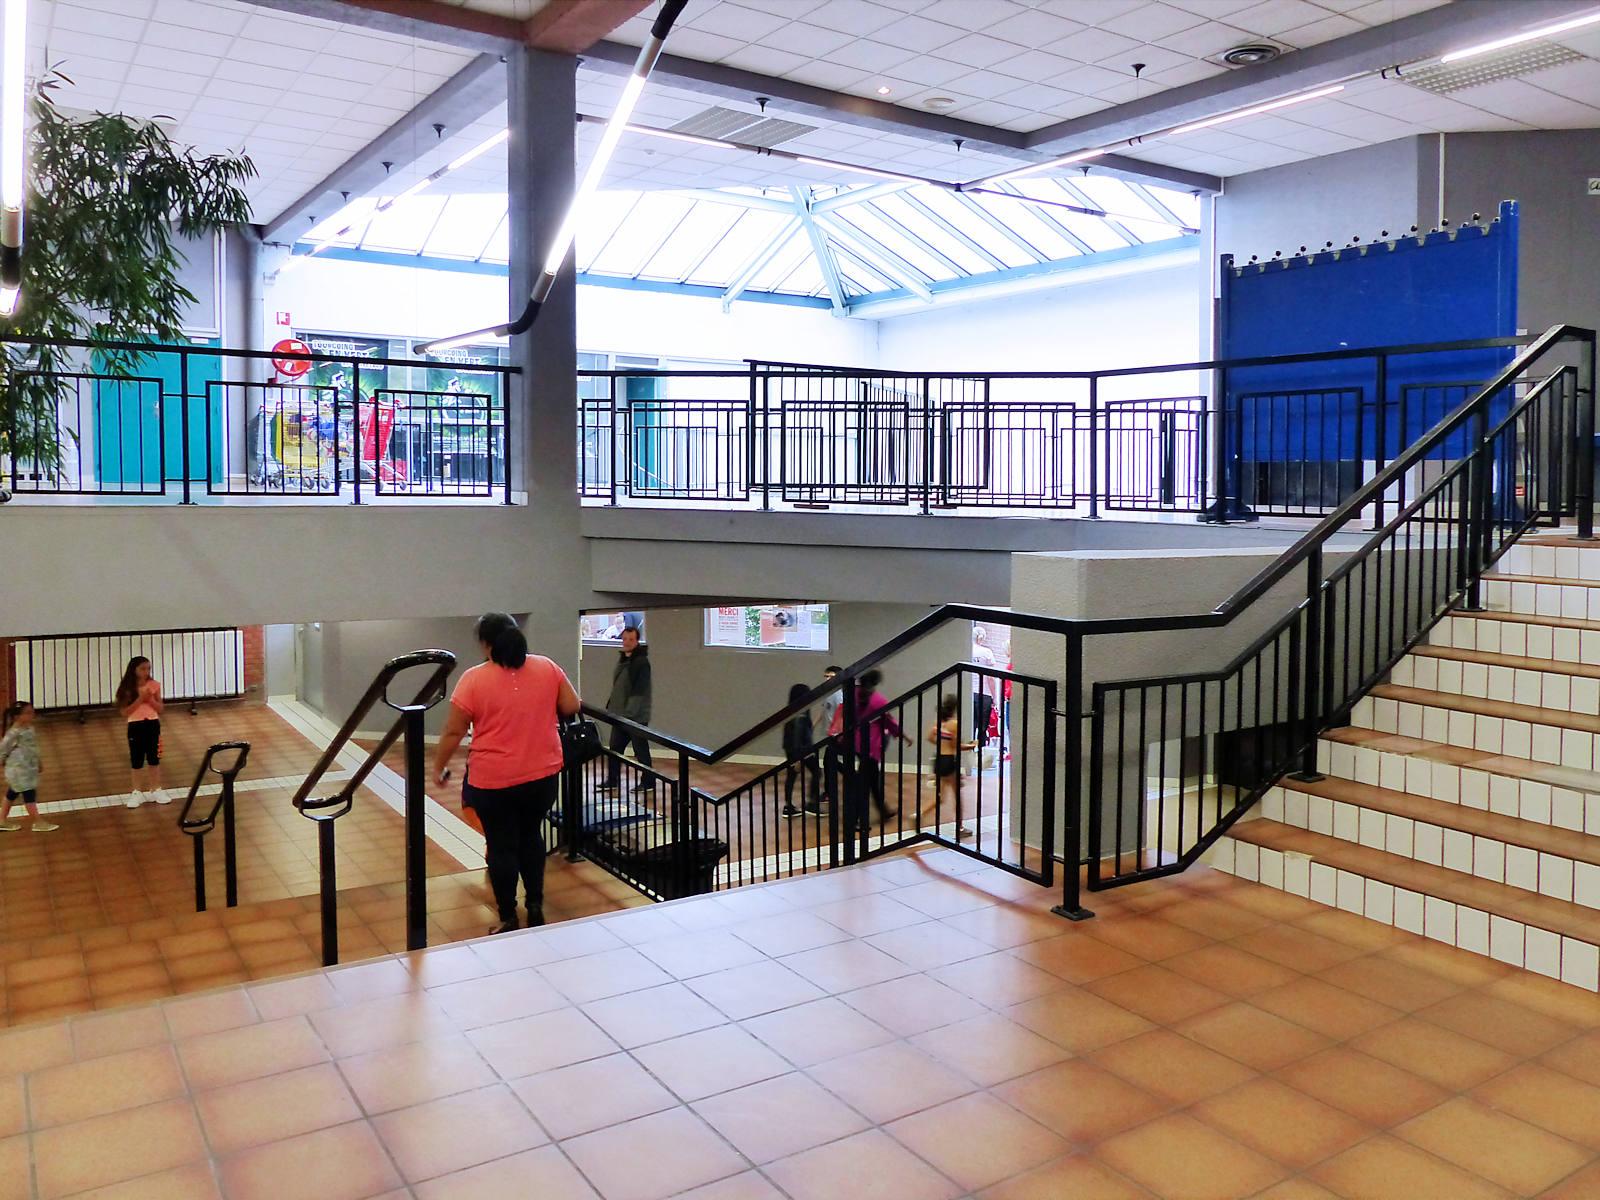 Escaliers intérieurs de Léo Lagrange Arena Tourcoing